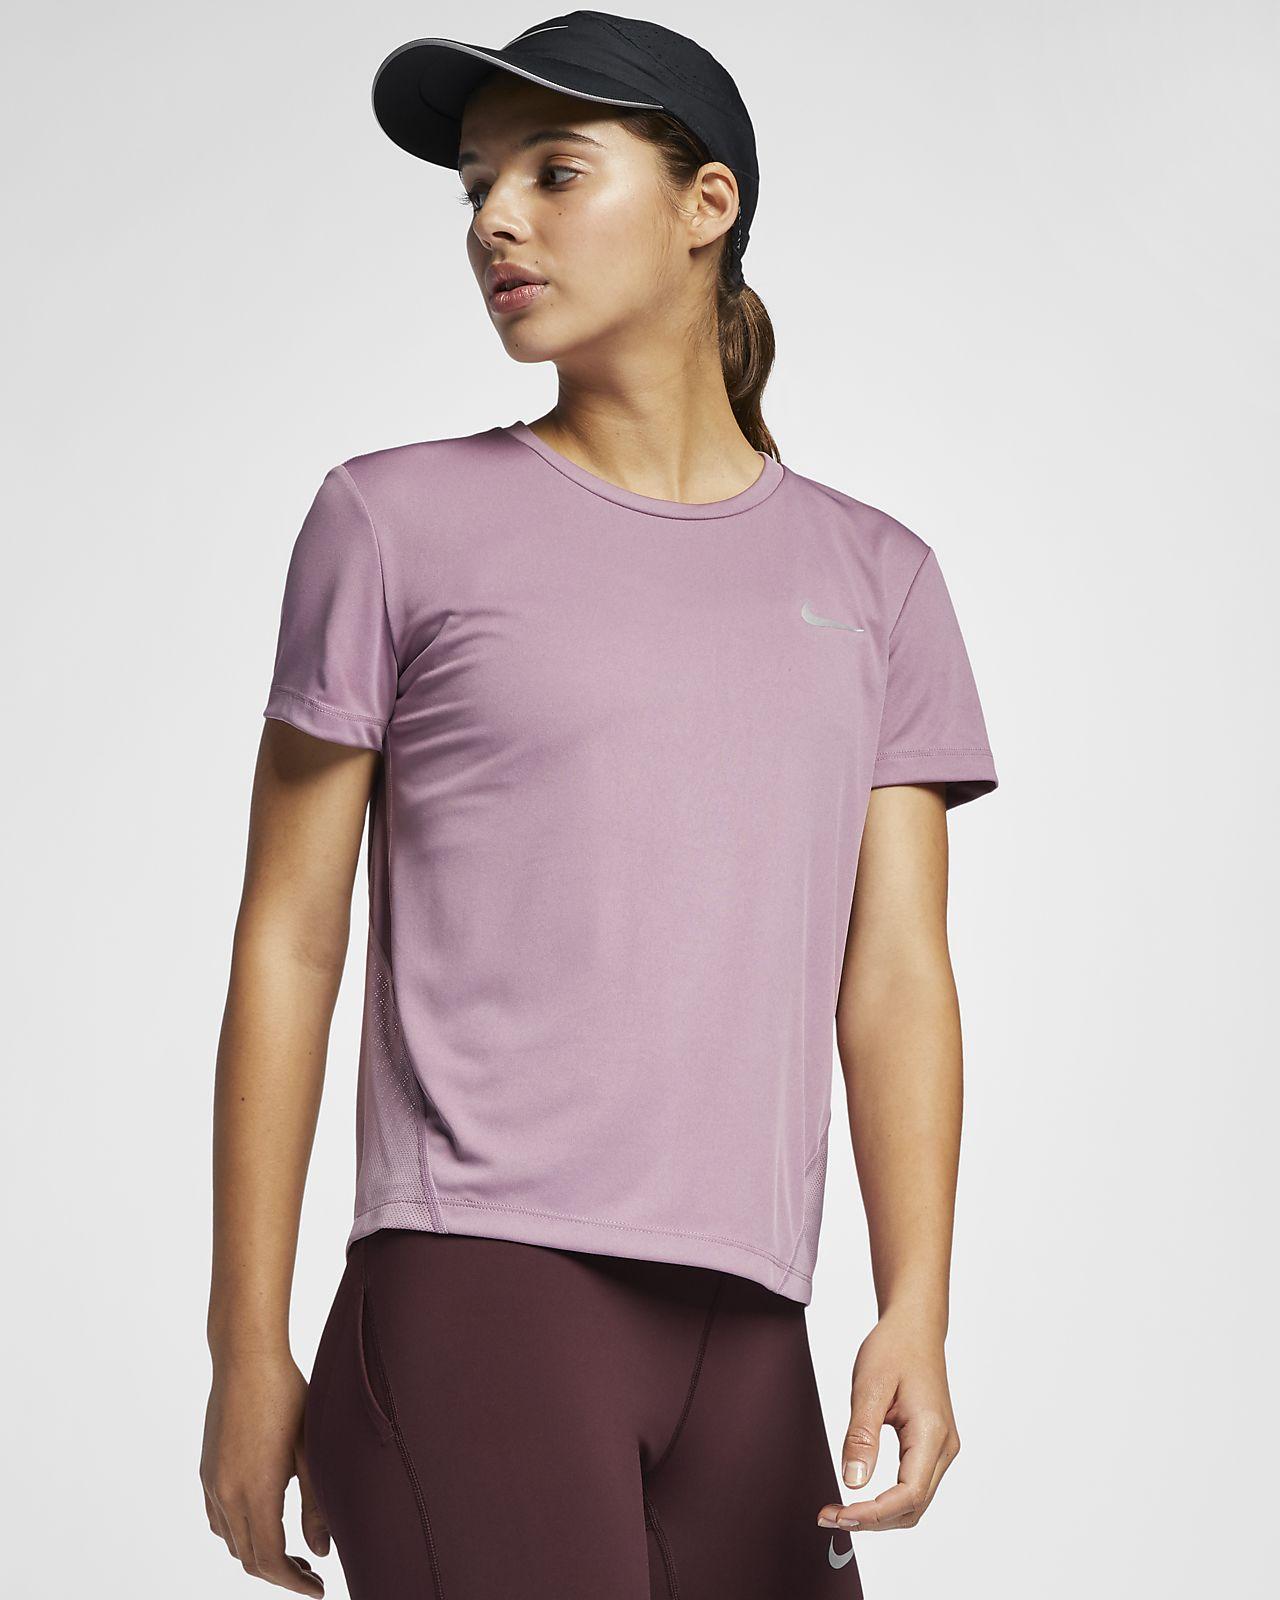 17c52f00b6 Nike Miler Women s Short-Sleeve Running Top. Nike.com EG